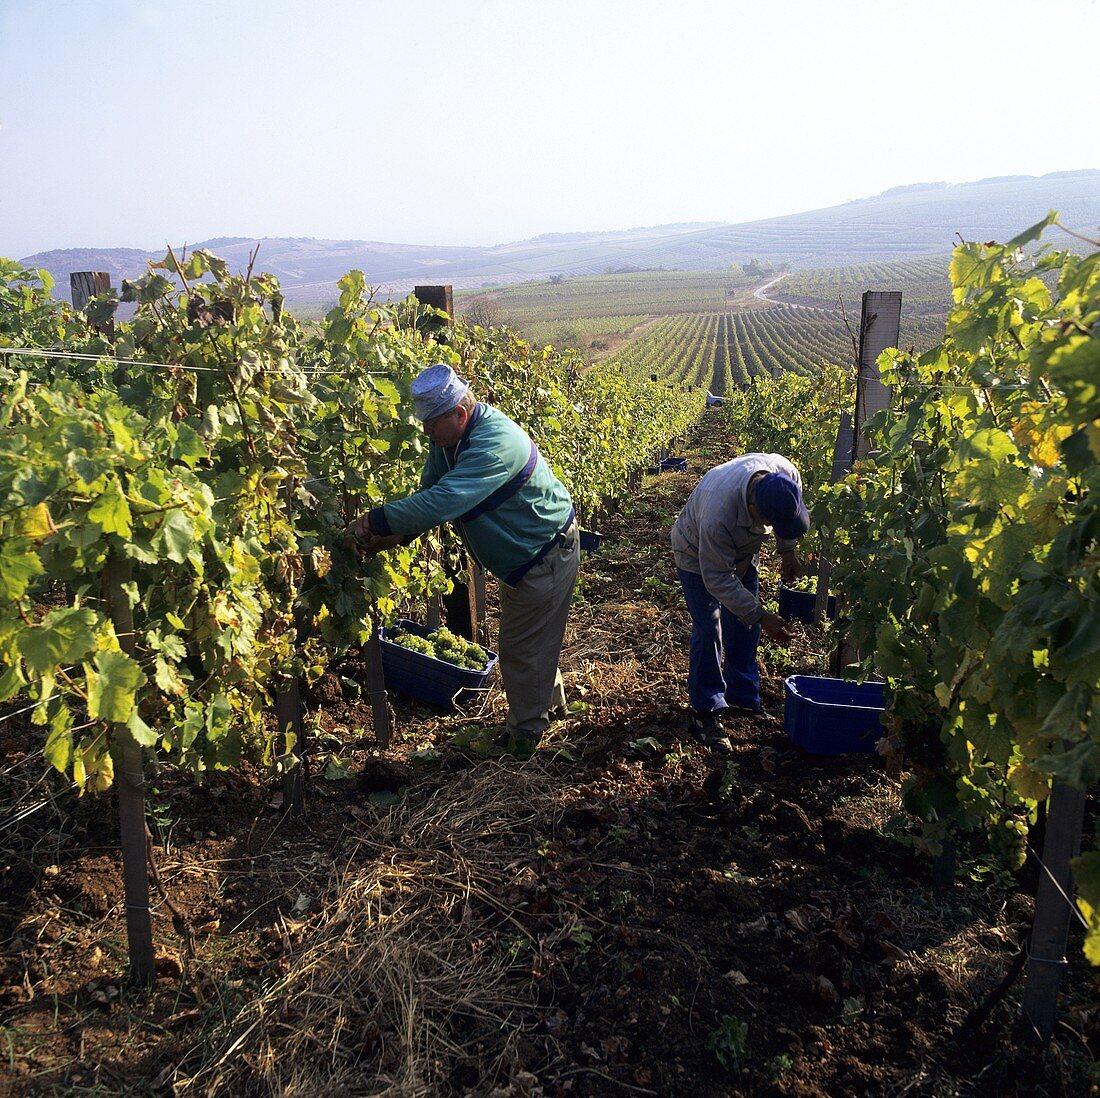 Grape picking in Tokaj, Hungary